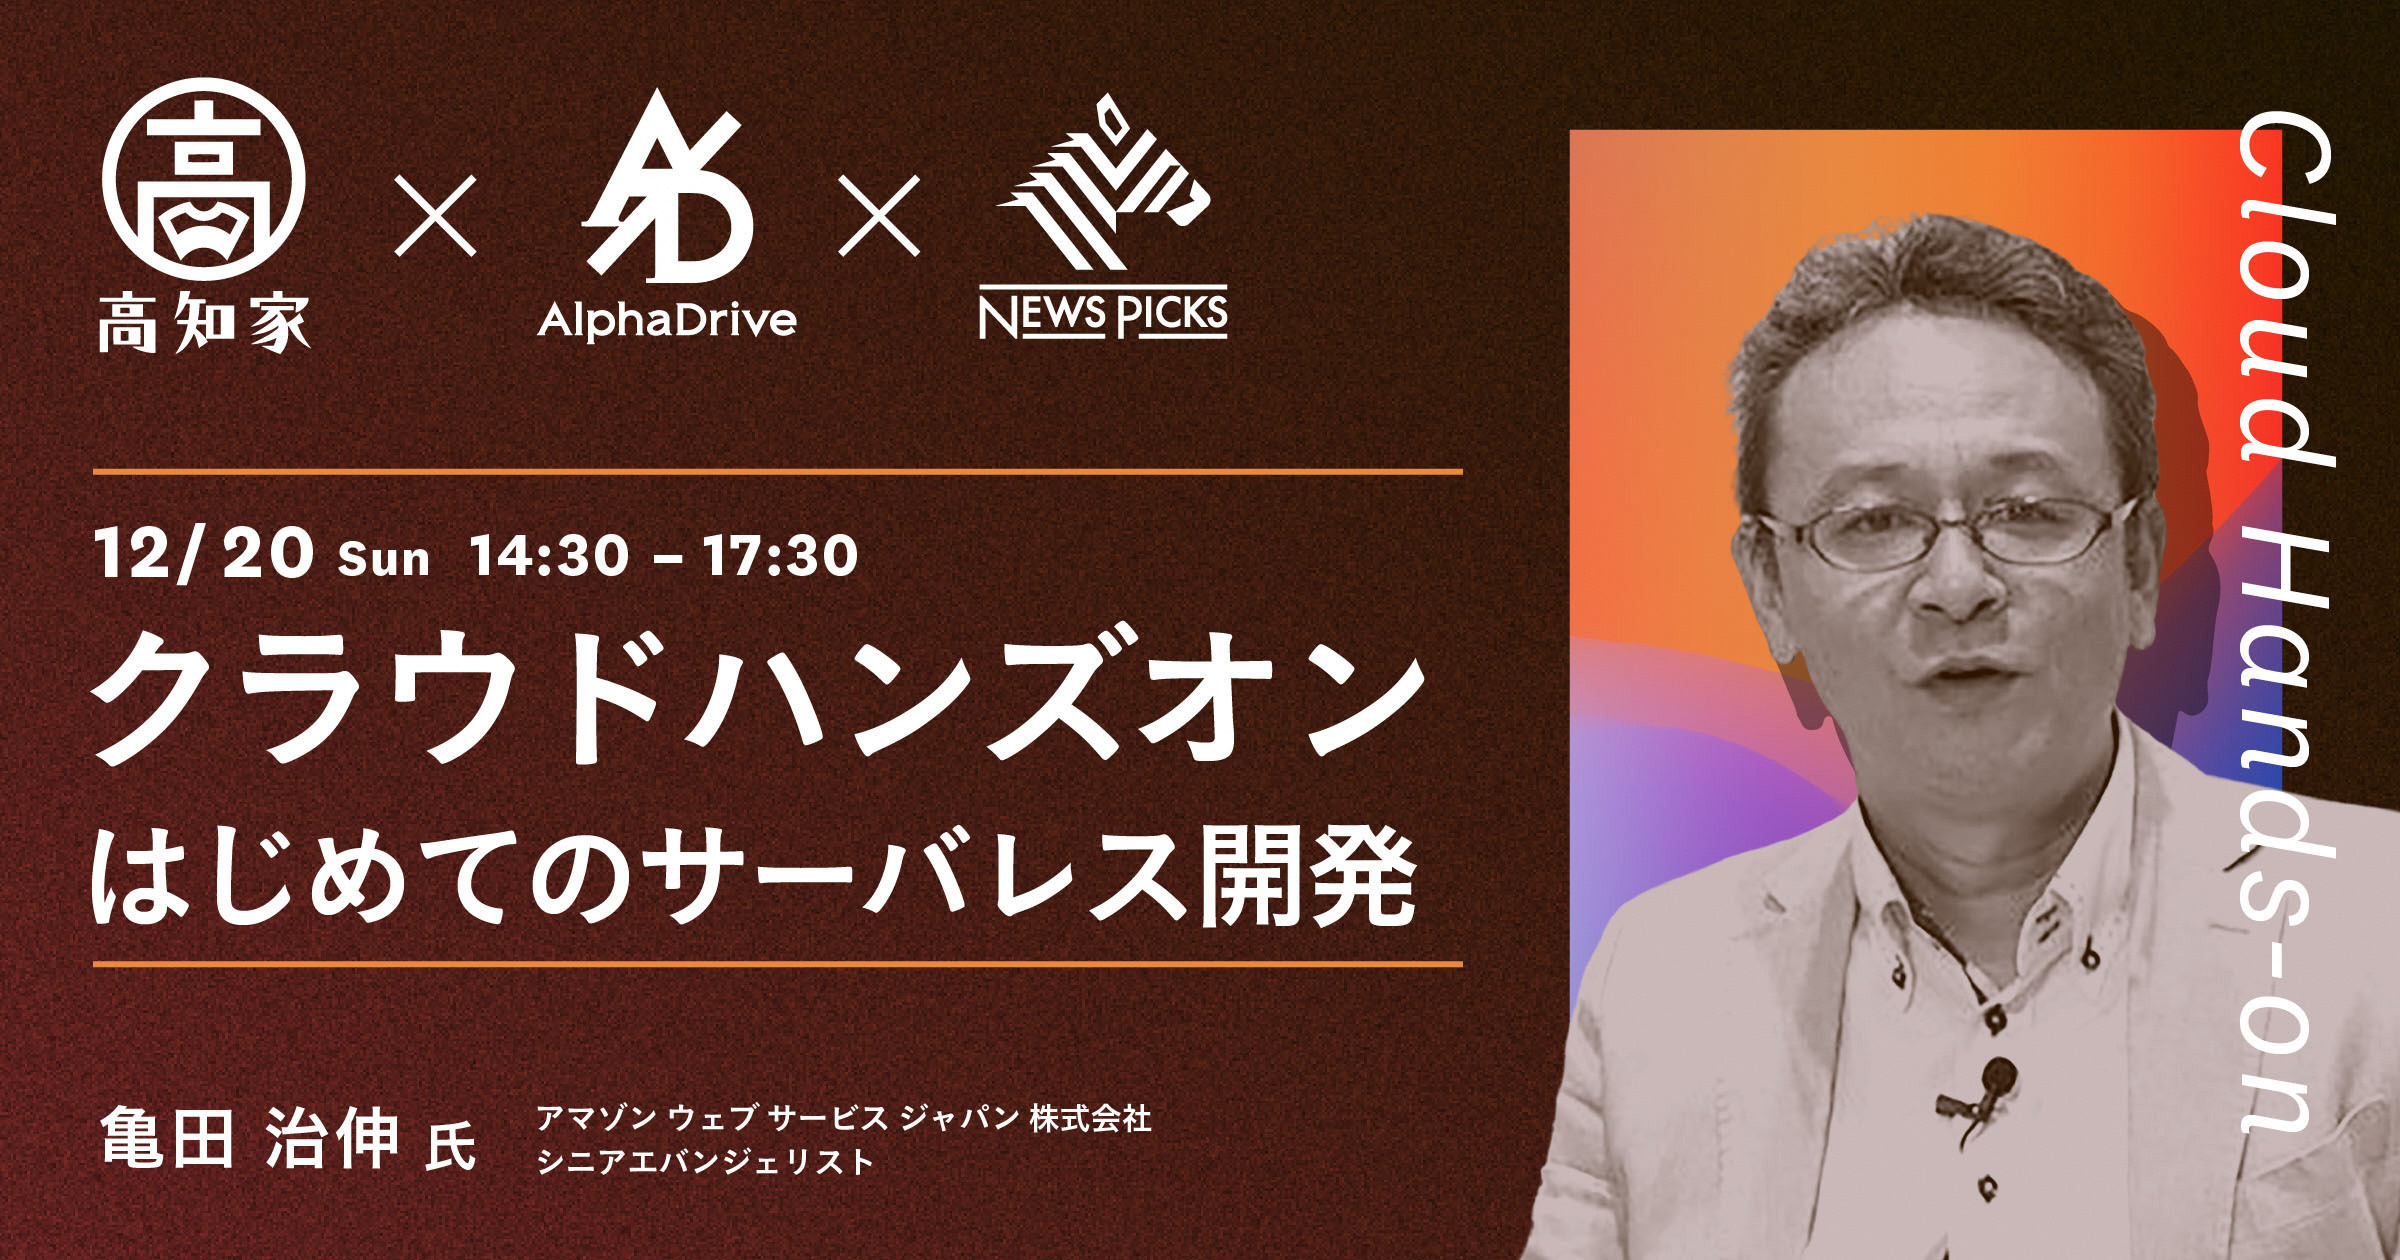 「クラウドハンズオン〜はじめてのサーバレス開発〜」 (高知県Society5.0関連人材育成講座 第8回講座)